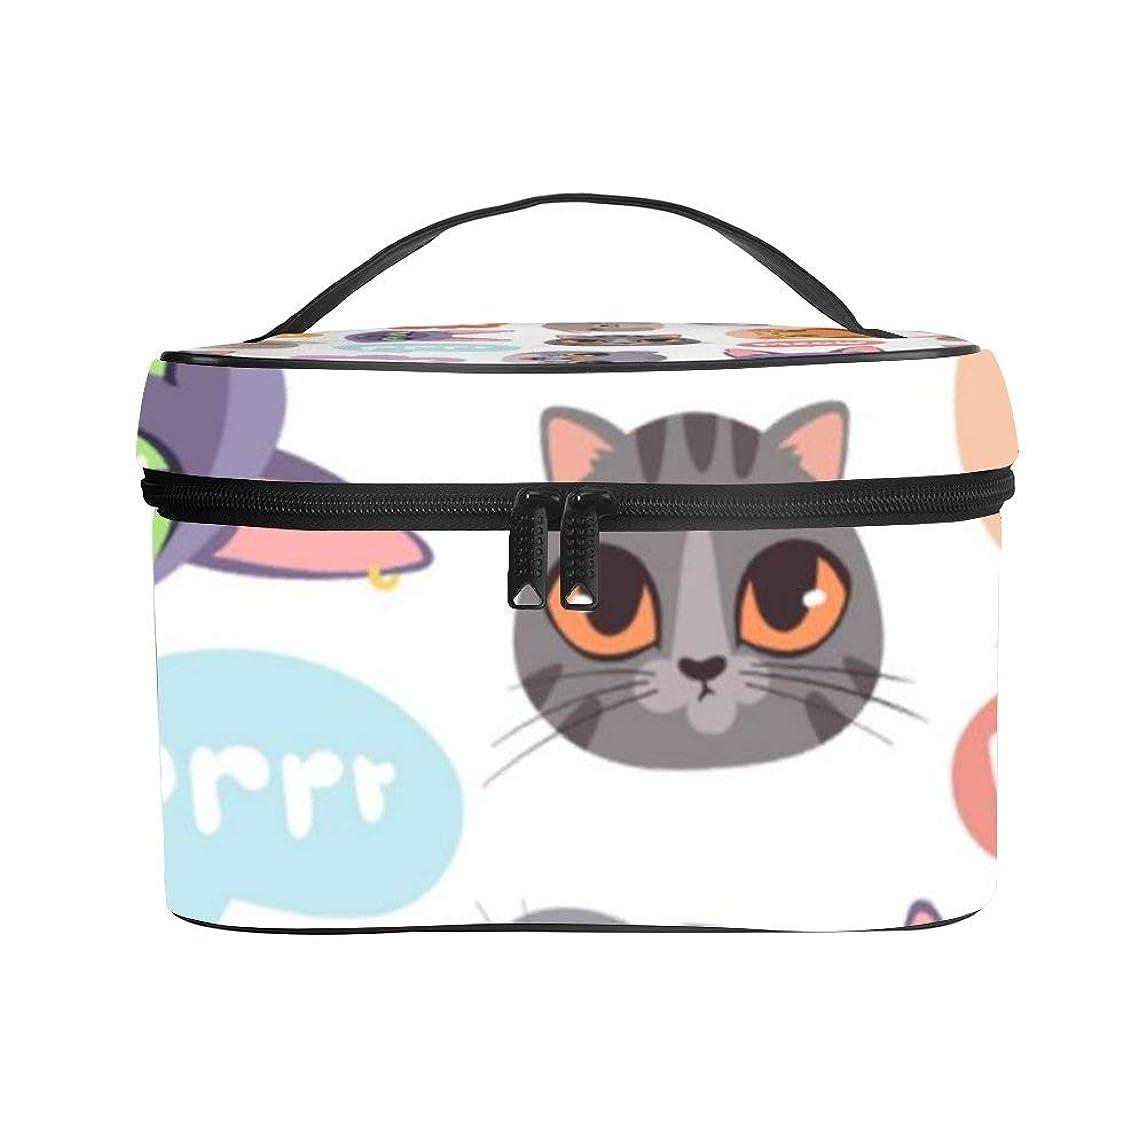 スリーブシードゆりかごメイクぼっくす PUレザー コスメボックス バニティポーチ かわいい ペット ねこ 猫柄 化粧ボックス メイクブラシバッグ トラベルバッグ 人気 かわいい 大容量 機能的